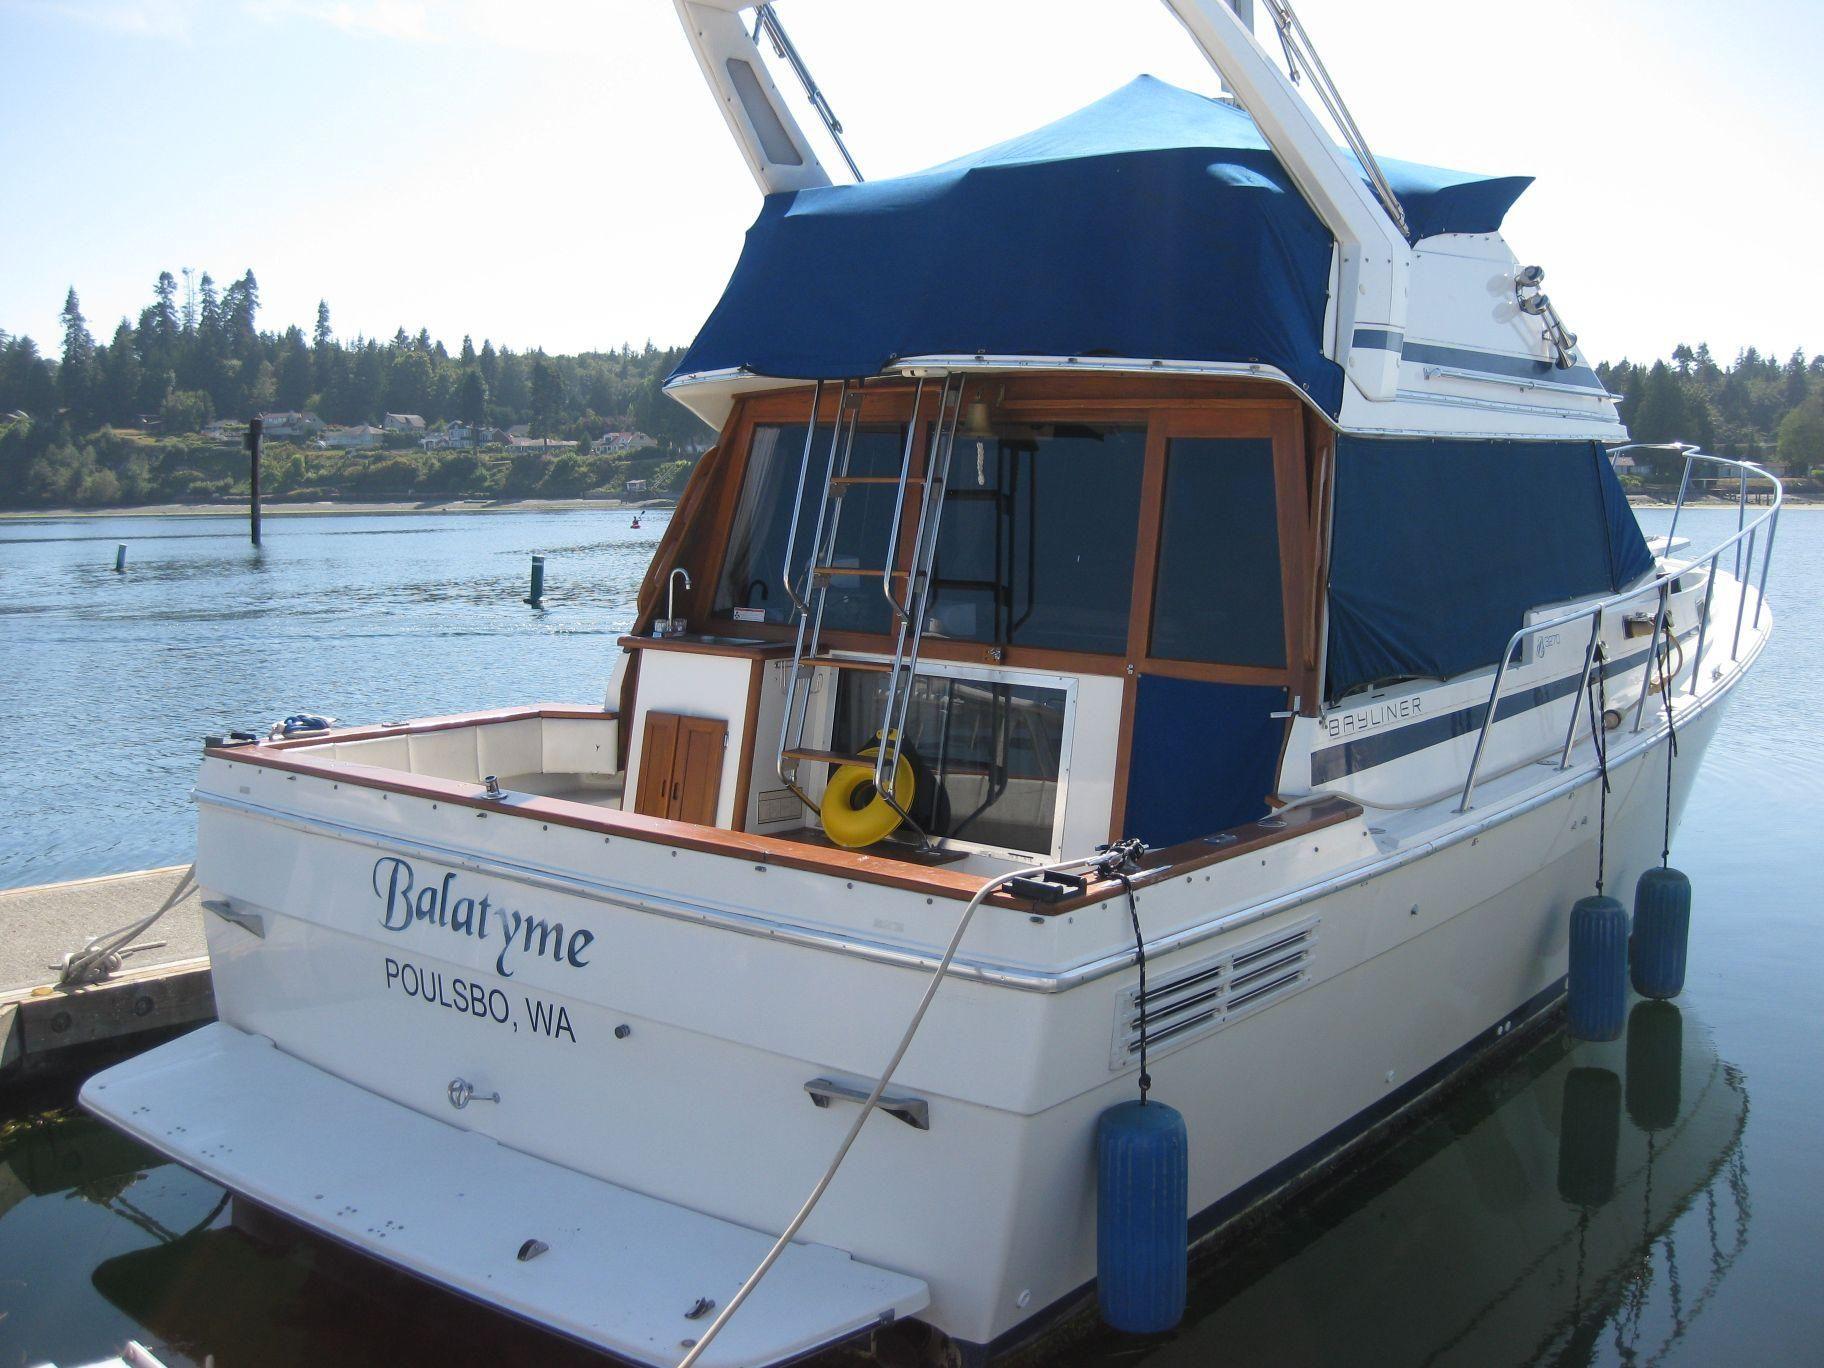 1987 bayliner 3270 motoryacht power boat for sale www. Black Bedroom Furniture Sets. Home Design Ideas